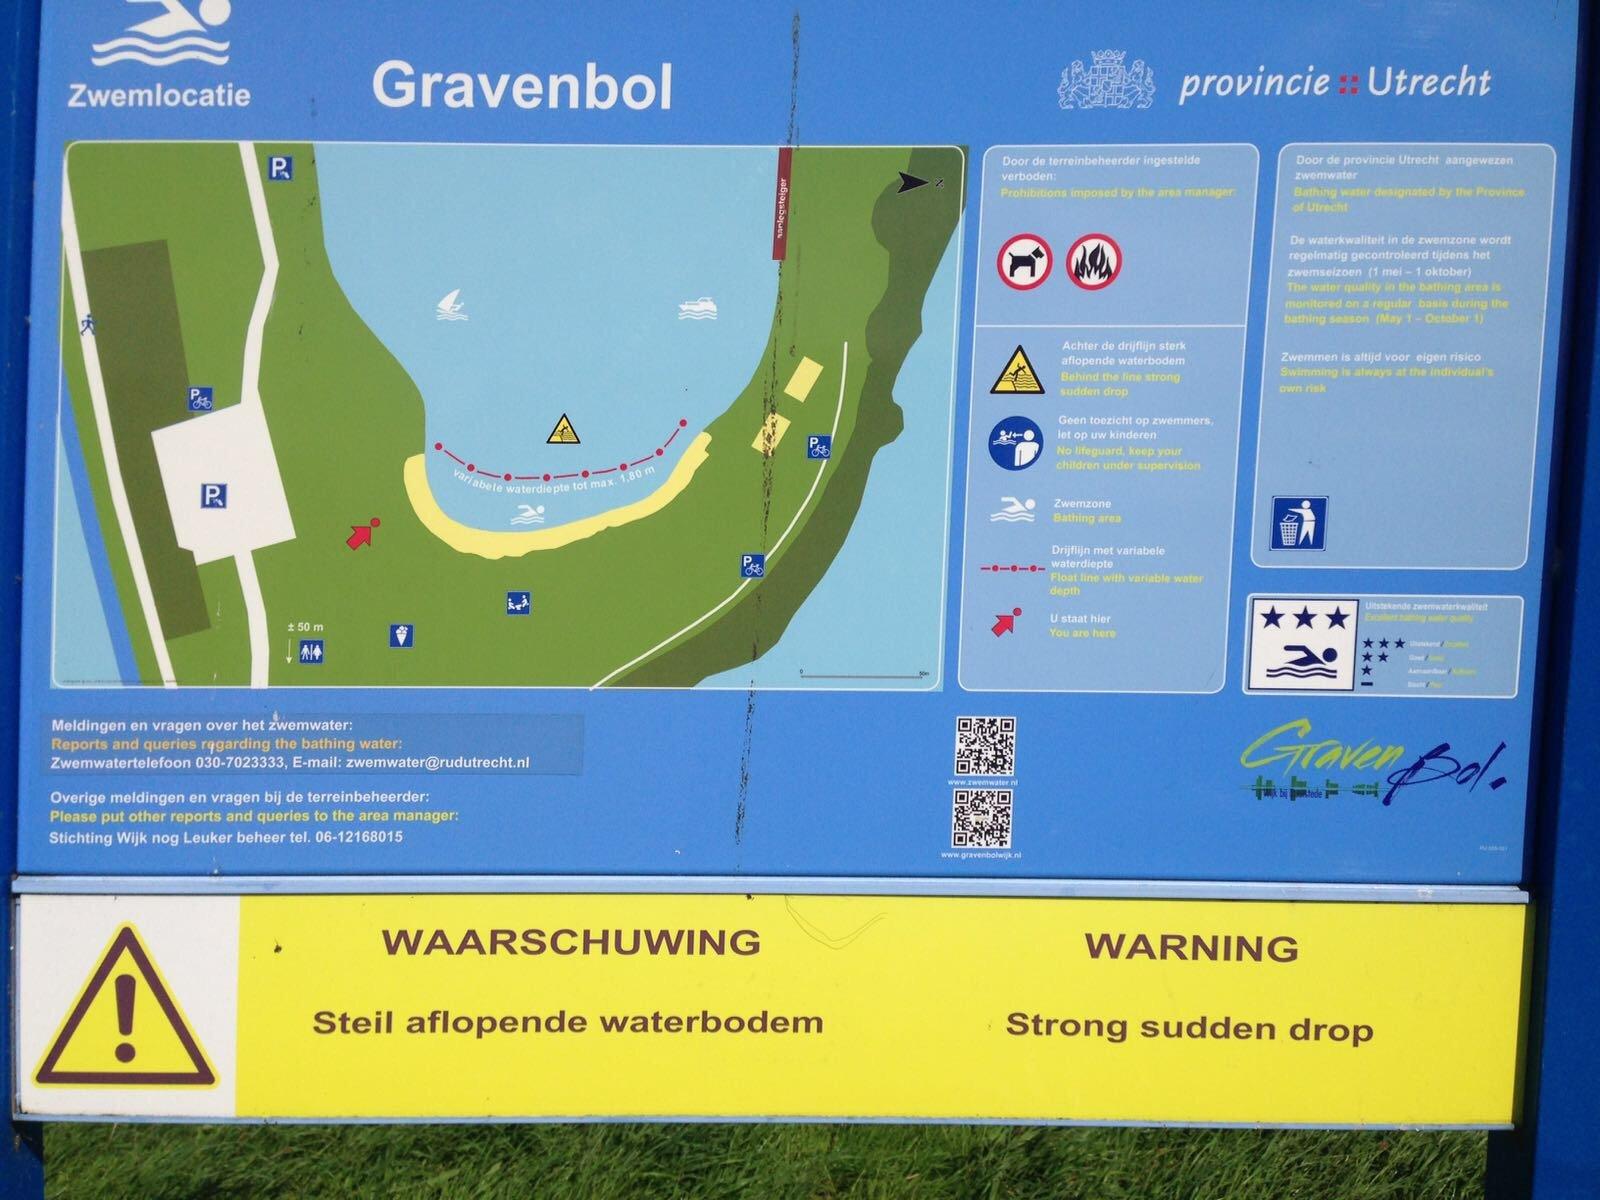 mooie-trainingslocaties - Gravenbol Zwemlocatie - Mooi open water om te trainen ontdekt! - Zwemmen